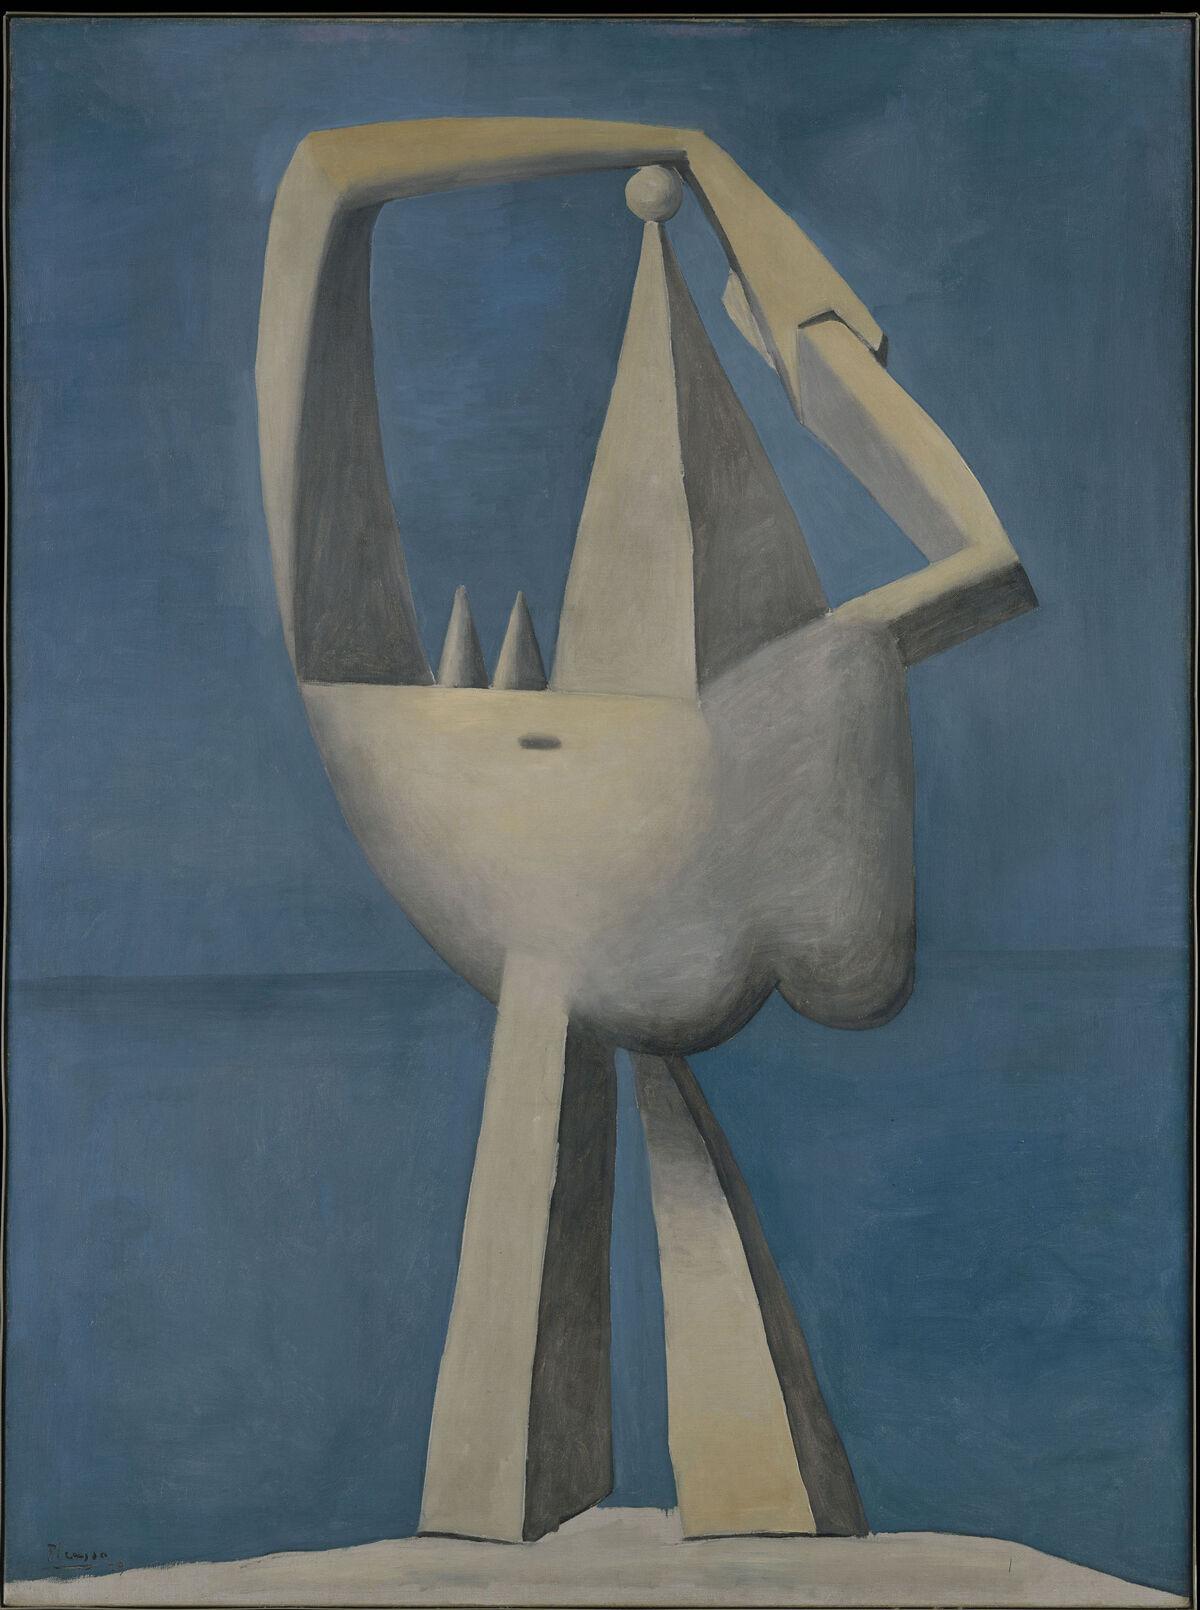 Picasso, Nude Standing by the Sea, 1929. The Metropolitan Museum of Art. © Sucesión Picasso. VEGAP, 2017. Courtesy of Museo Nacional Centro de Arte Reina Sofía.